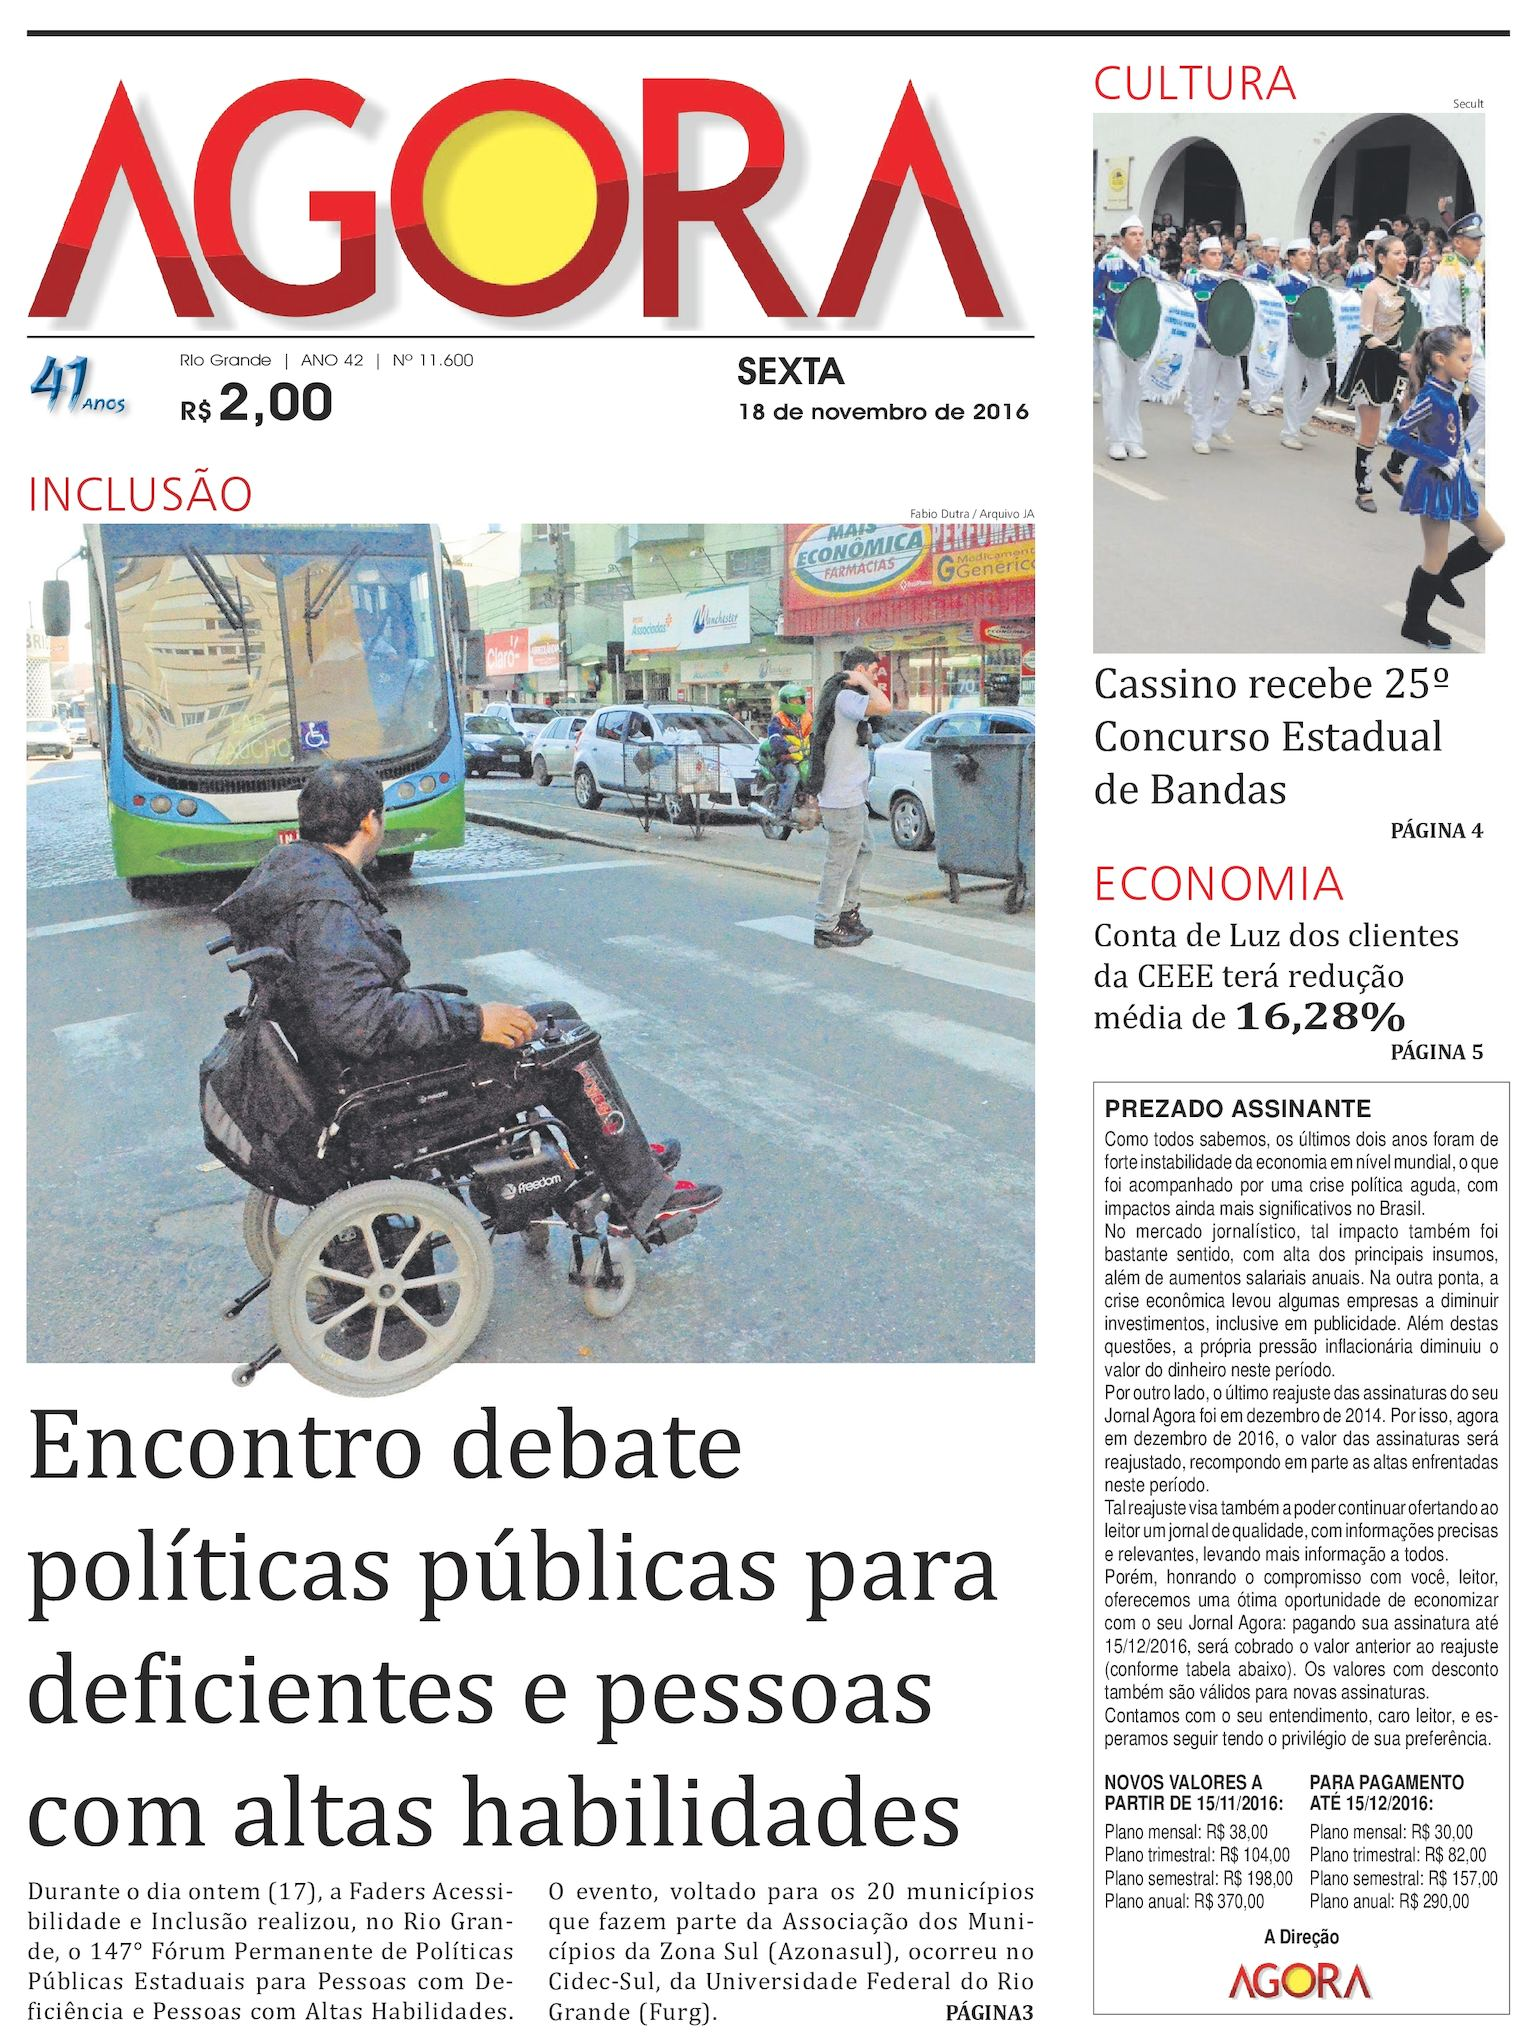 228b14625 Calaméo - Jornal Agora - Edição 11600 - 18 de Novembro de 2016